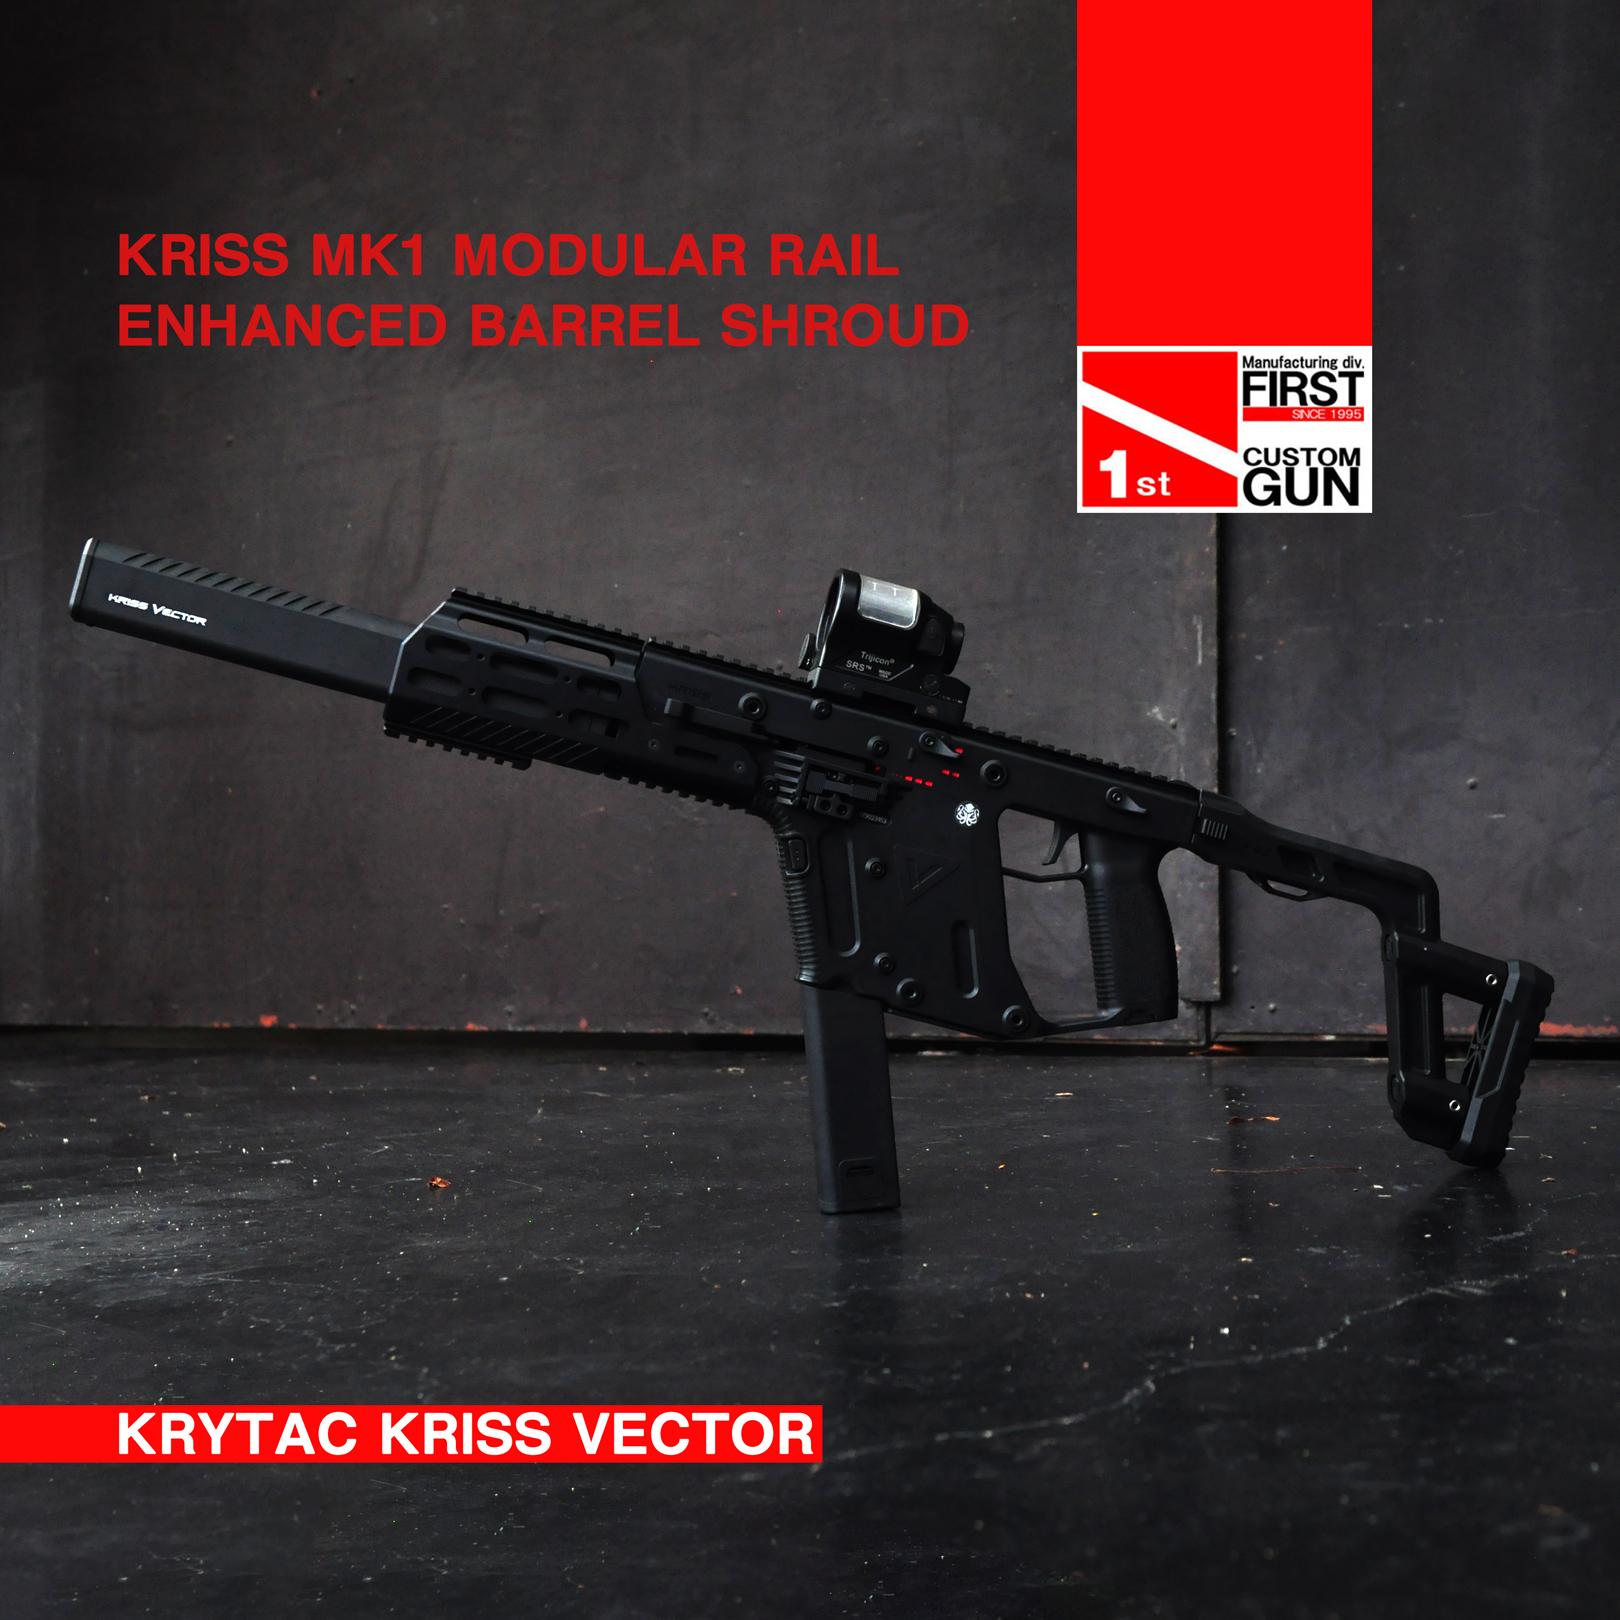 【一品堂】KRYTAC KRISS VECTOR 電動ガン Mk1レイル+エンハンスド バレルシュラウド